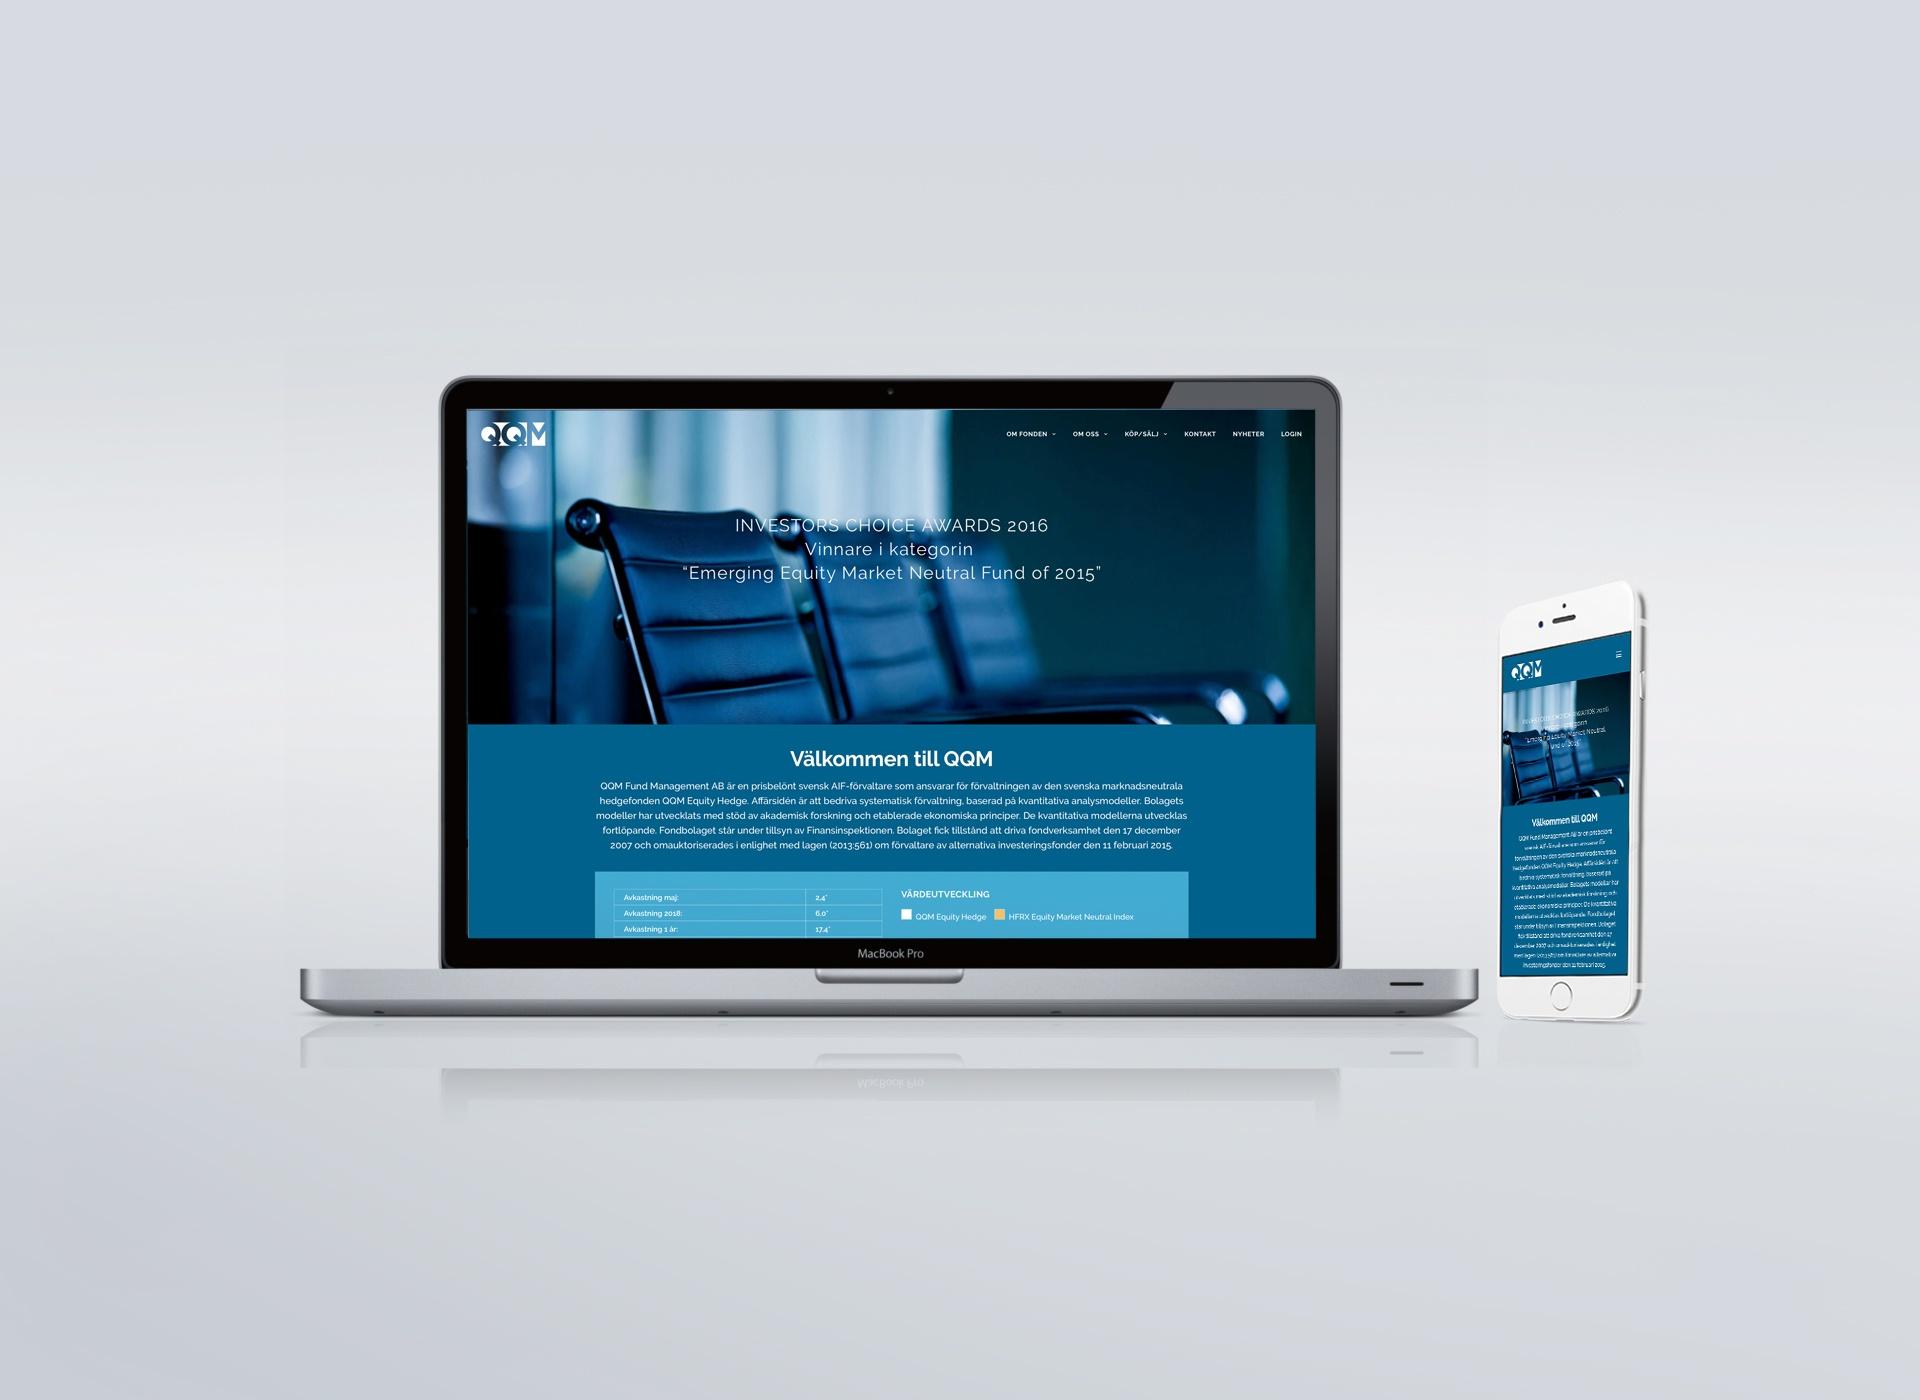 Laptop och smartphone som visar QQM:s webbplats